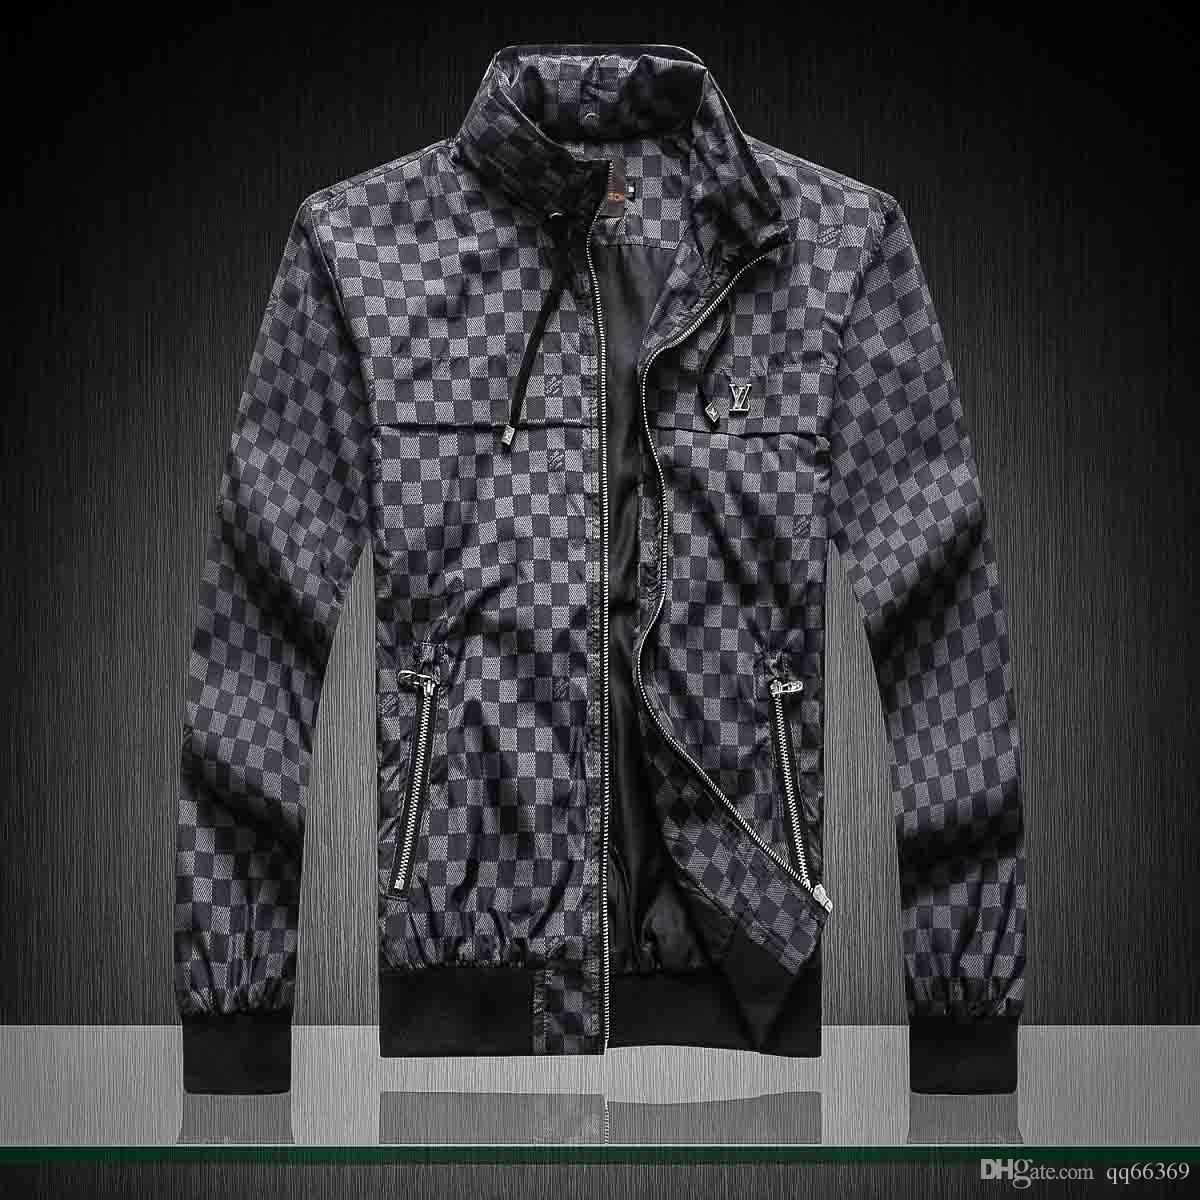 2020Fashion Designer-Jacken-Graben-Mantel-Langarm-Männer Jacke Hoodie Kleidung Zipper mit Tiere Letter-Mustern Plus Size Kleidung M-3XL